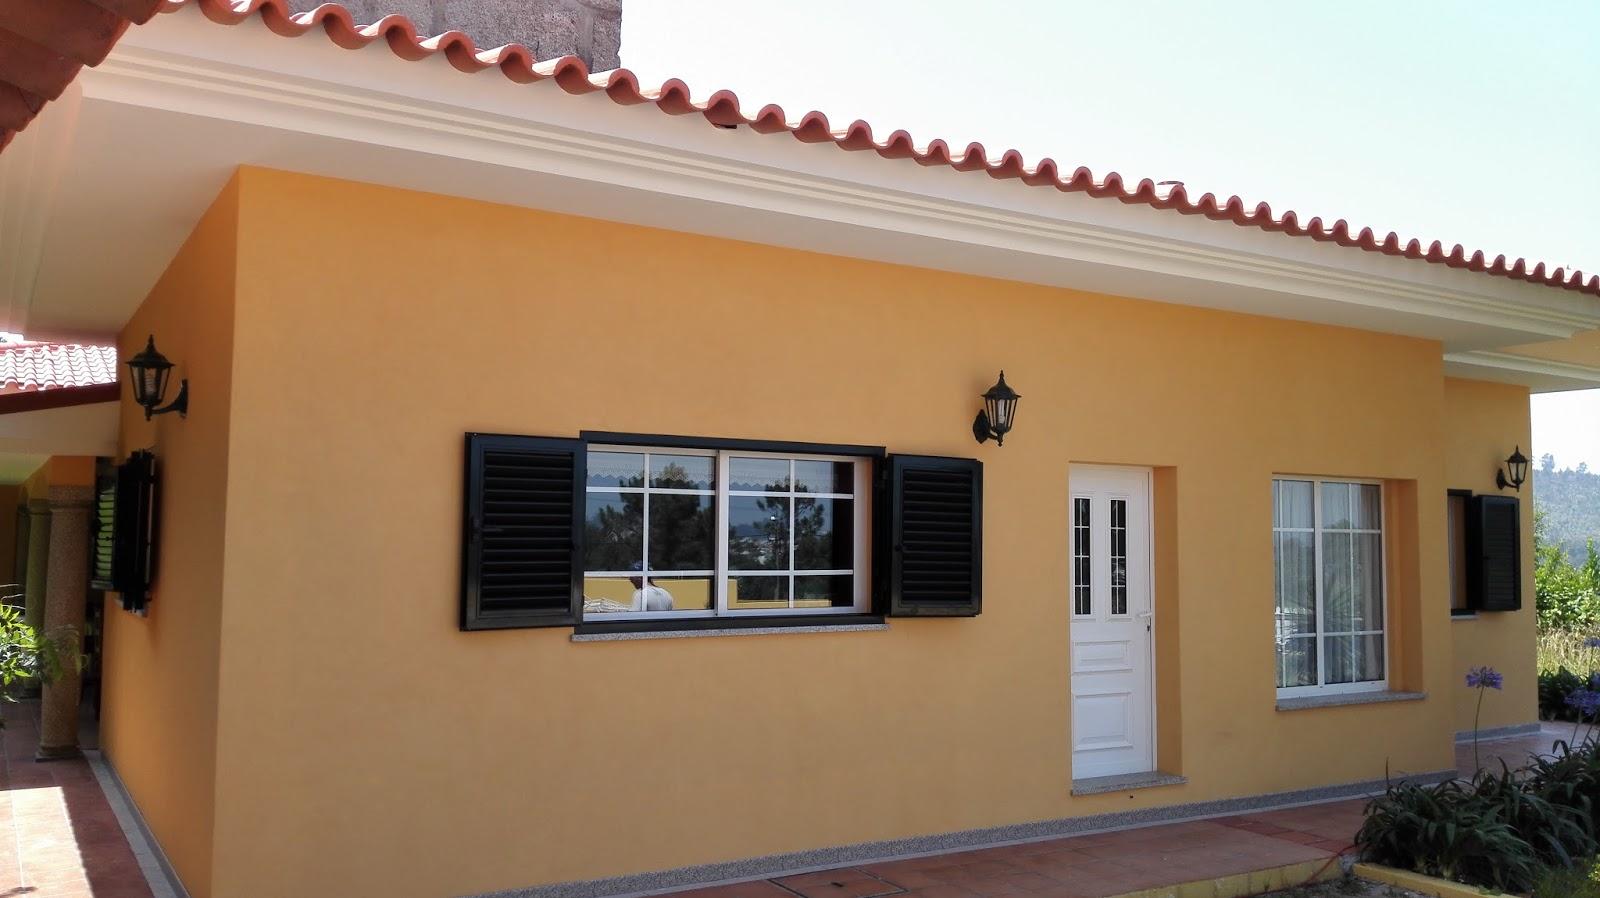 Pintar Exterior Casa - Ideas De Disenos - Ciboney.net